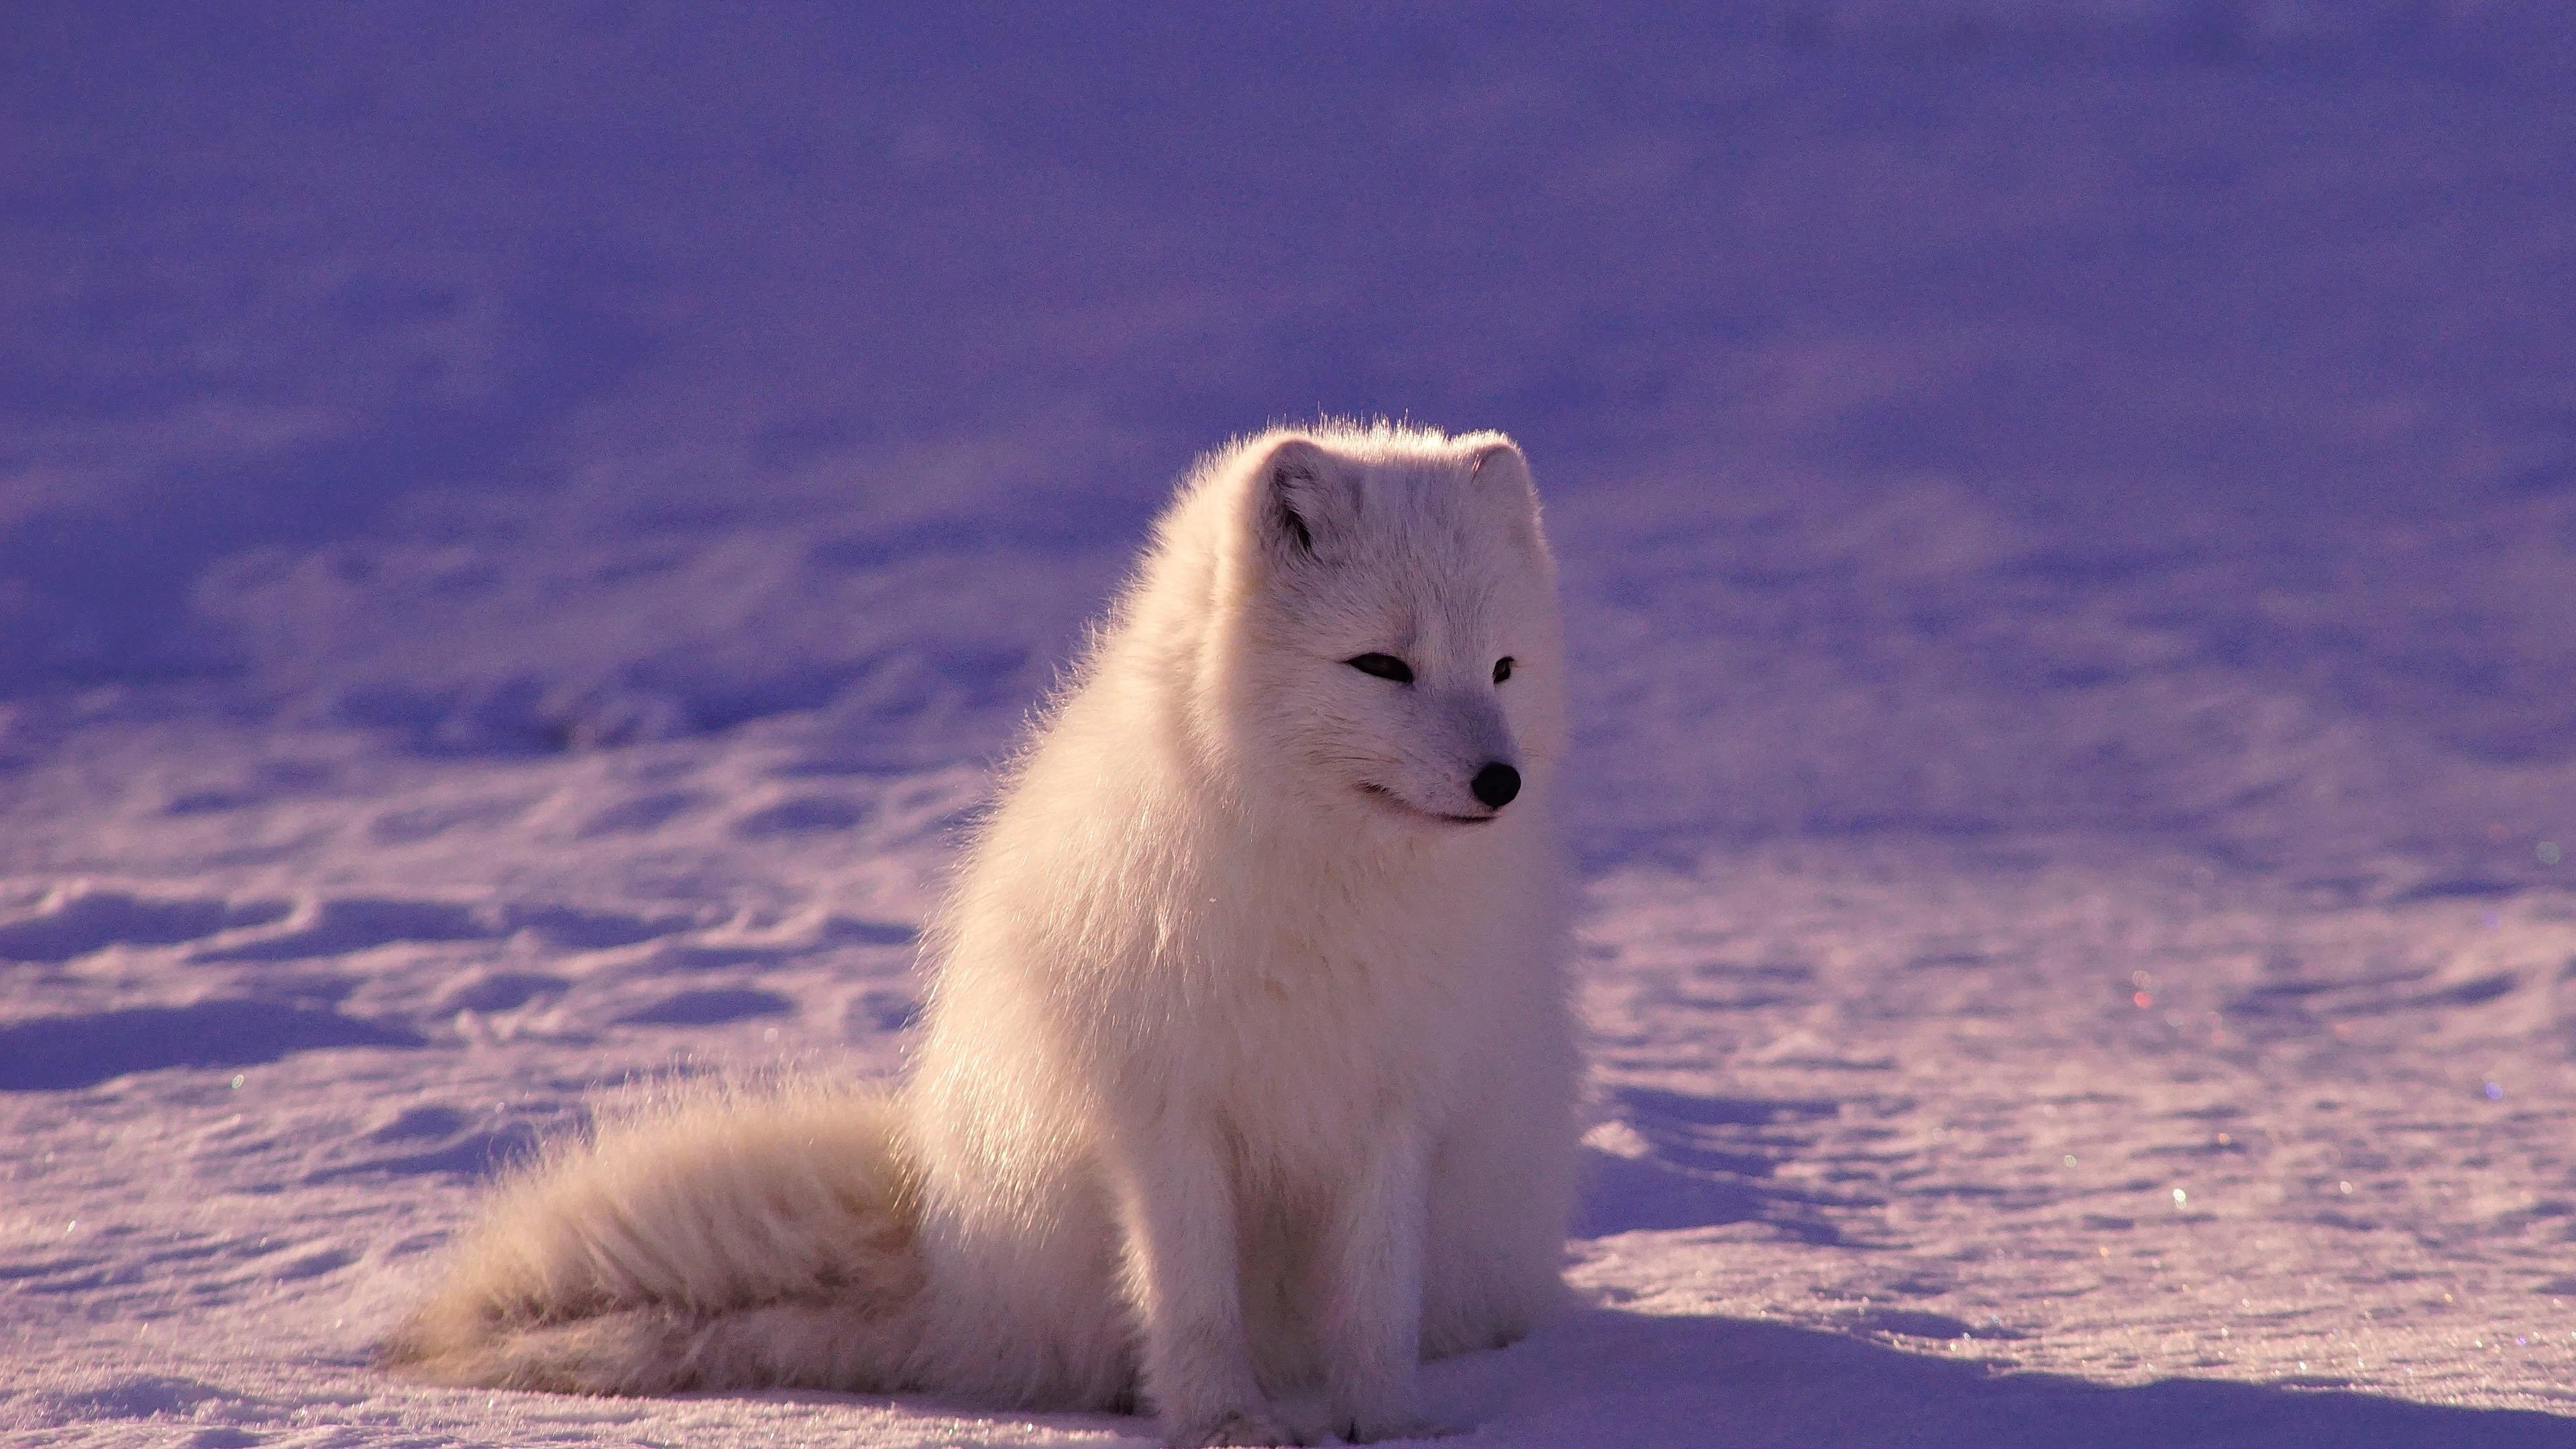 Ảnh 4K chú sói tuyết rất dễ thương